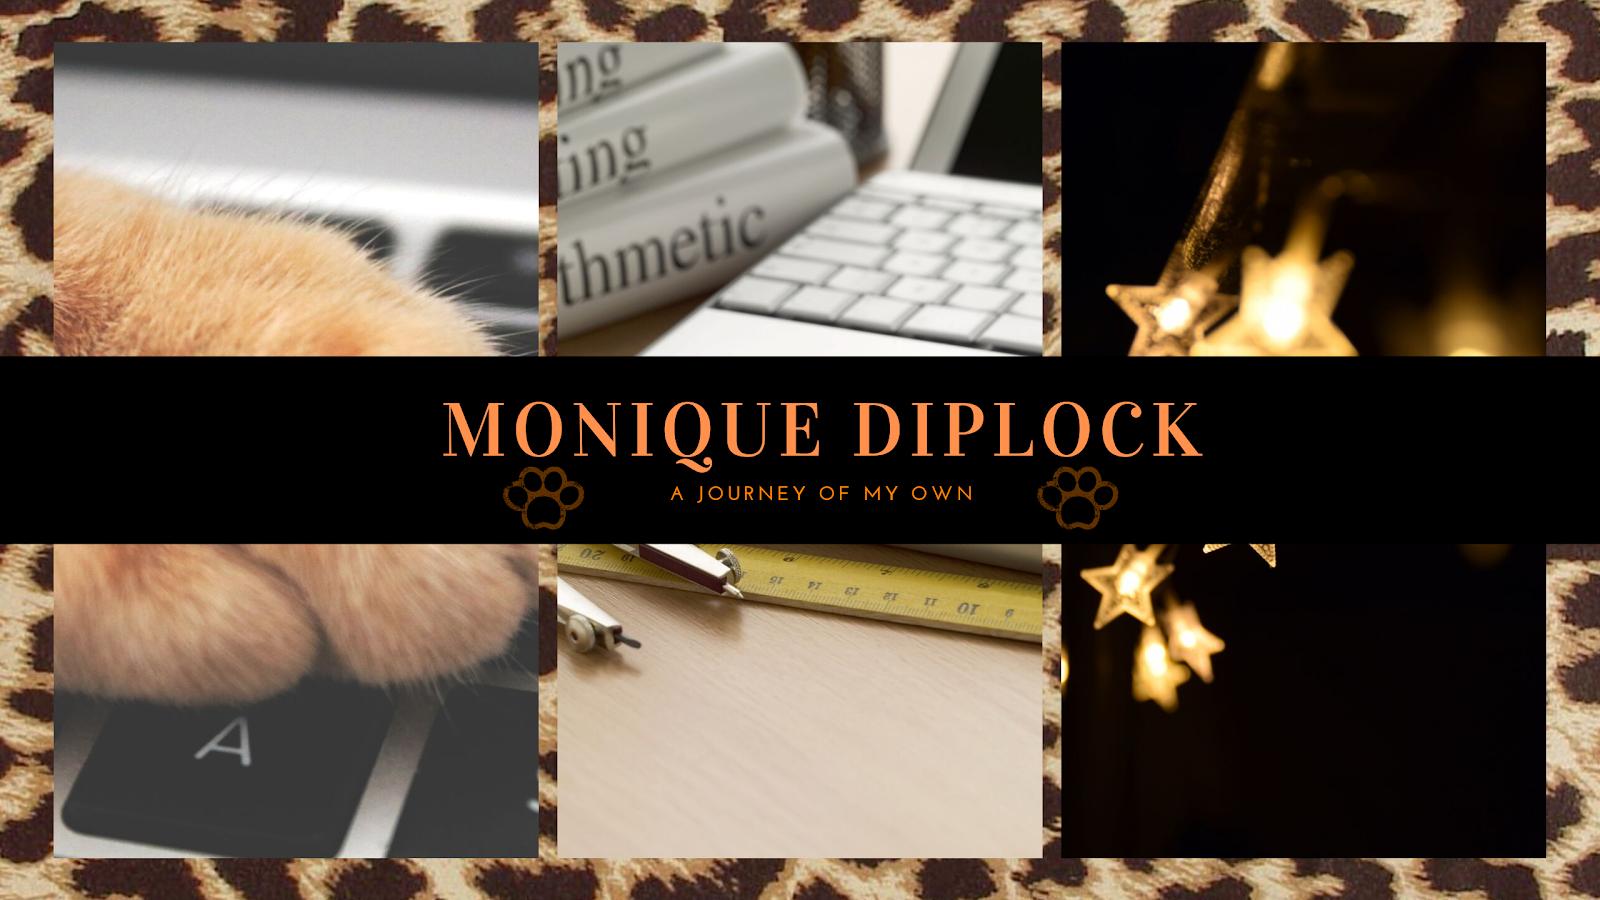 Monique Diplock